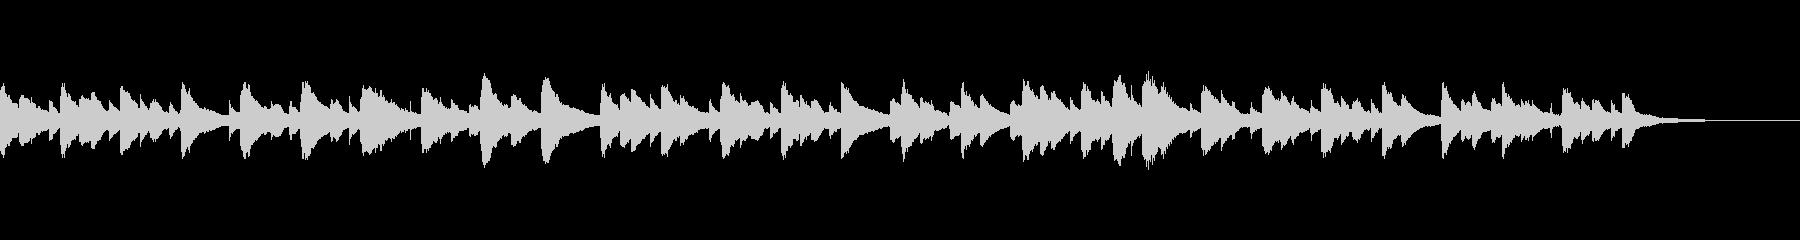 レトロなオルゴール/CM向けの未再生の波形